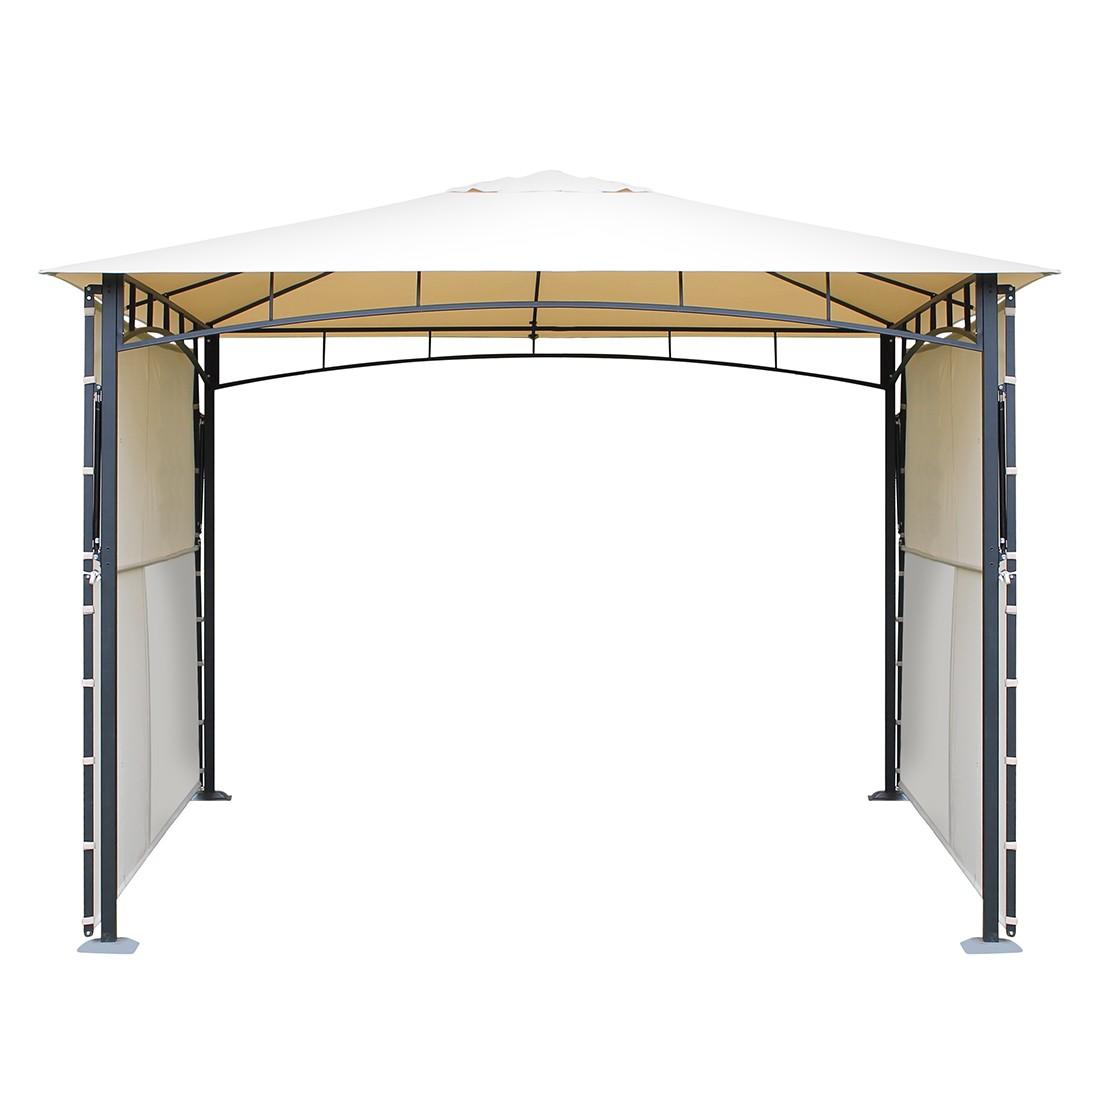 de leco pavillon nomado p - terrasseenbois, Gartengerate ideen